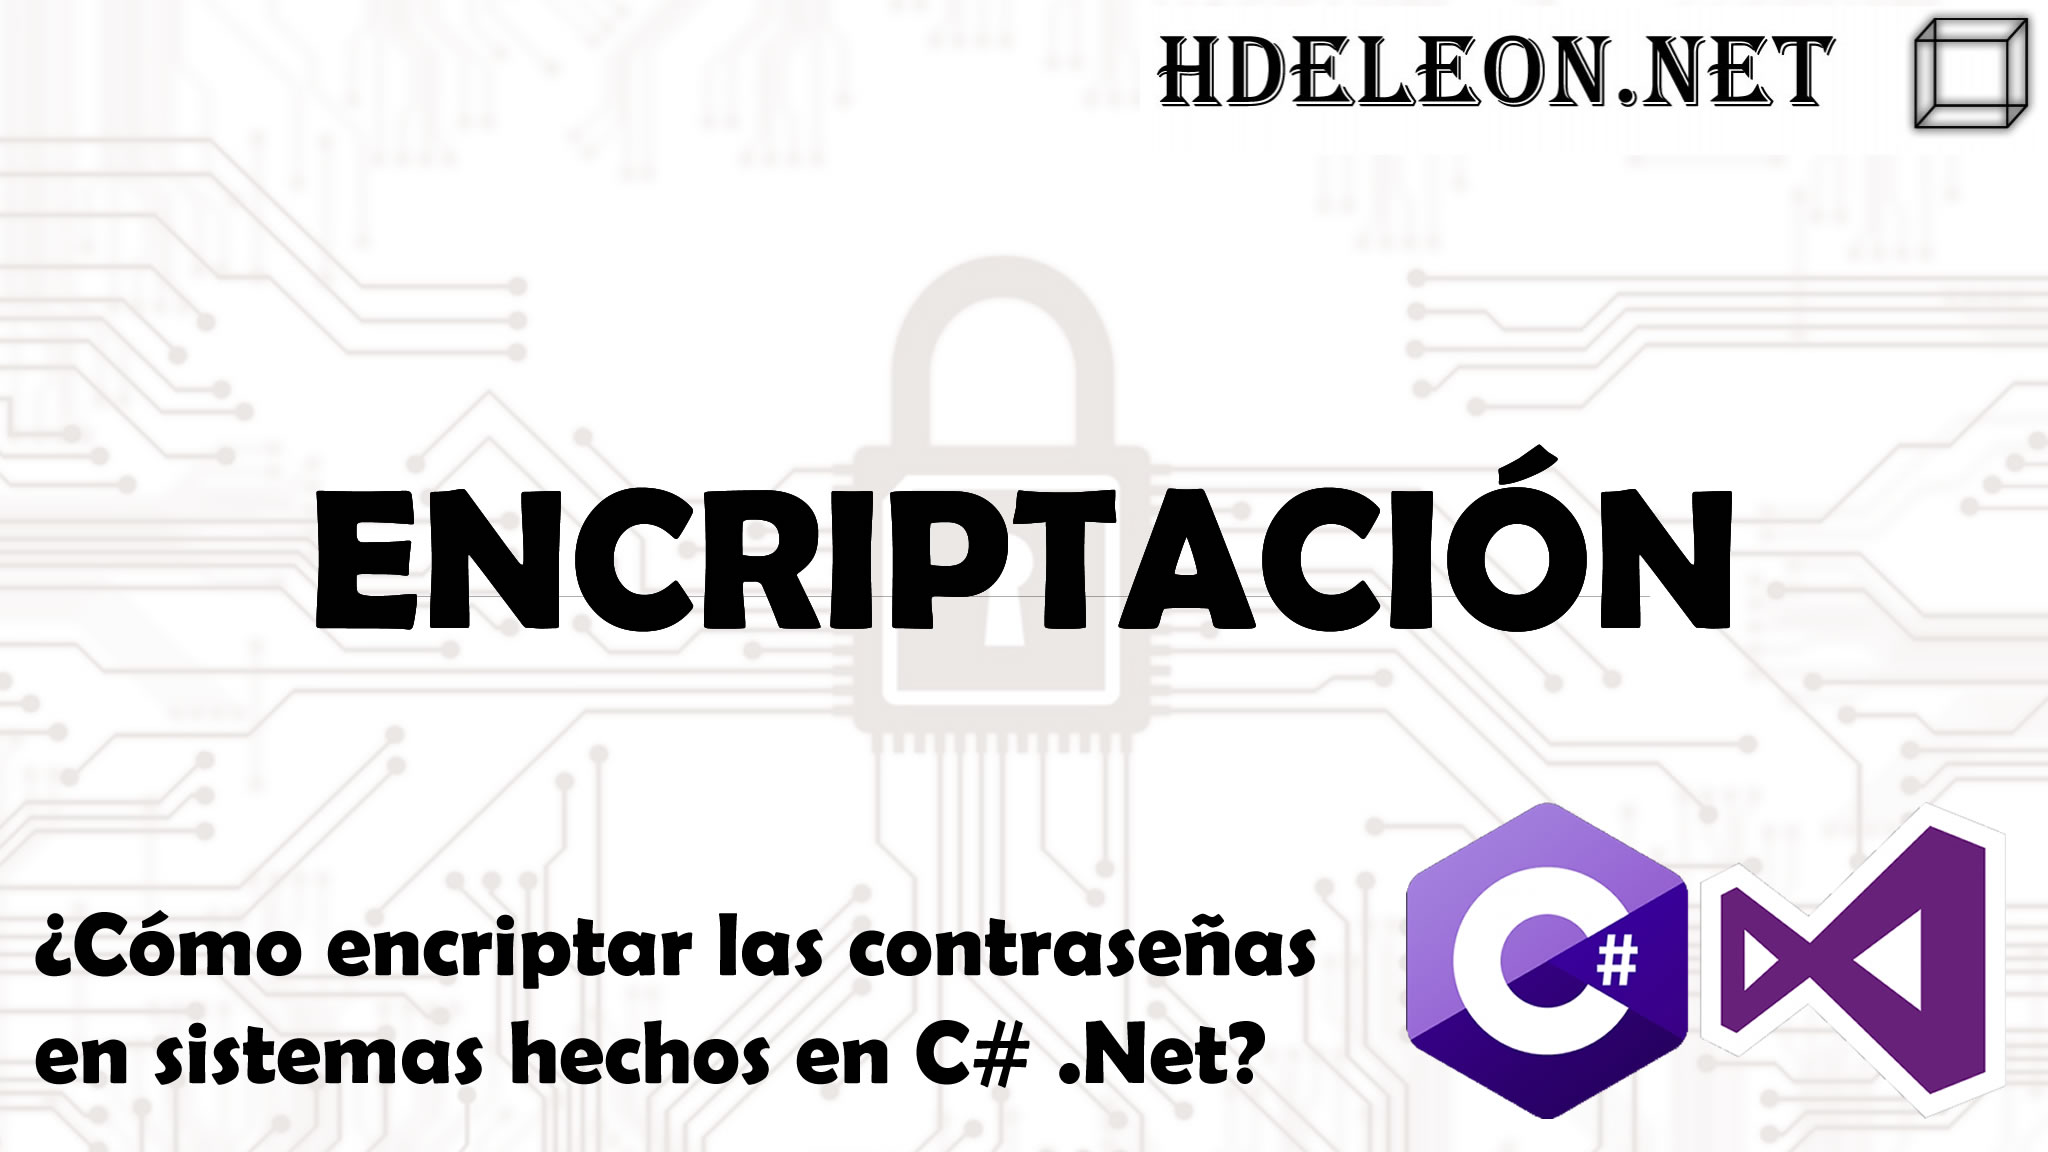 ¿Cómo encriptar las contraseñas en sistemas hechos en C# .Net?